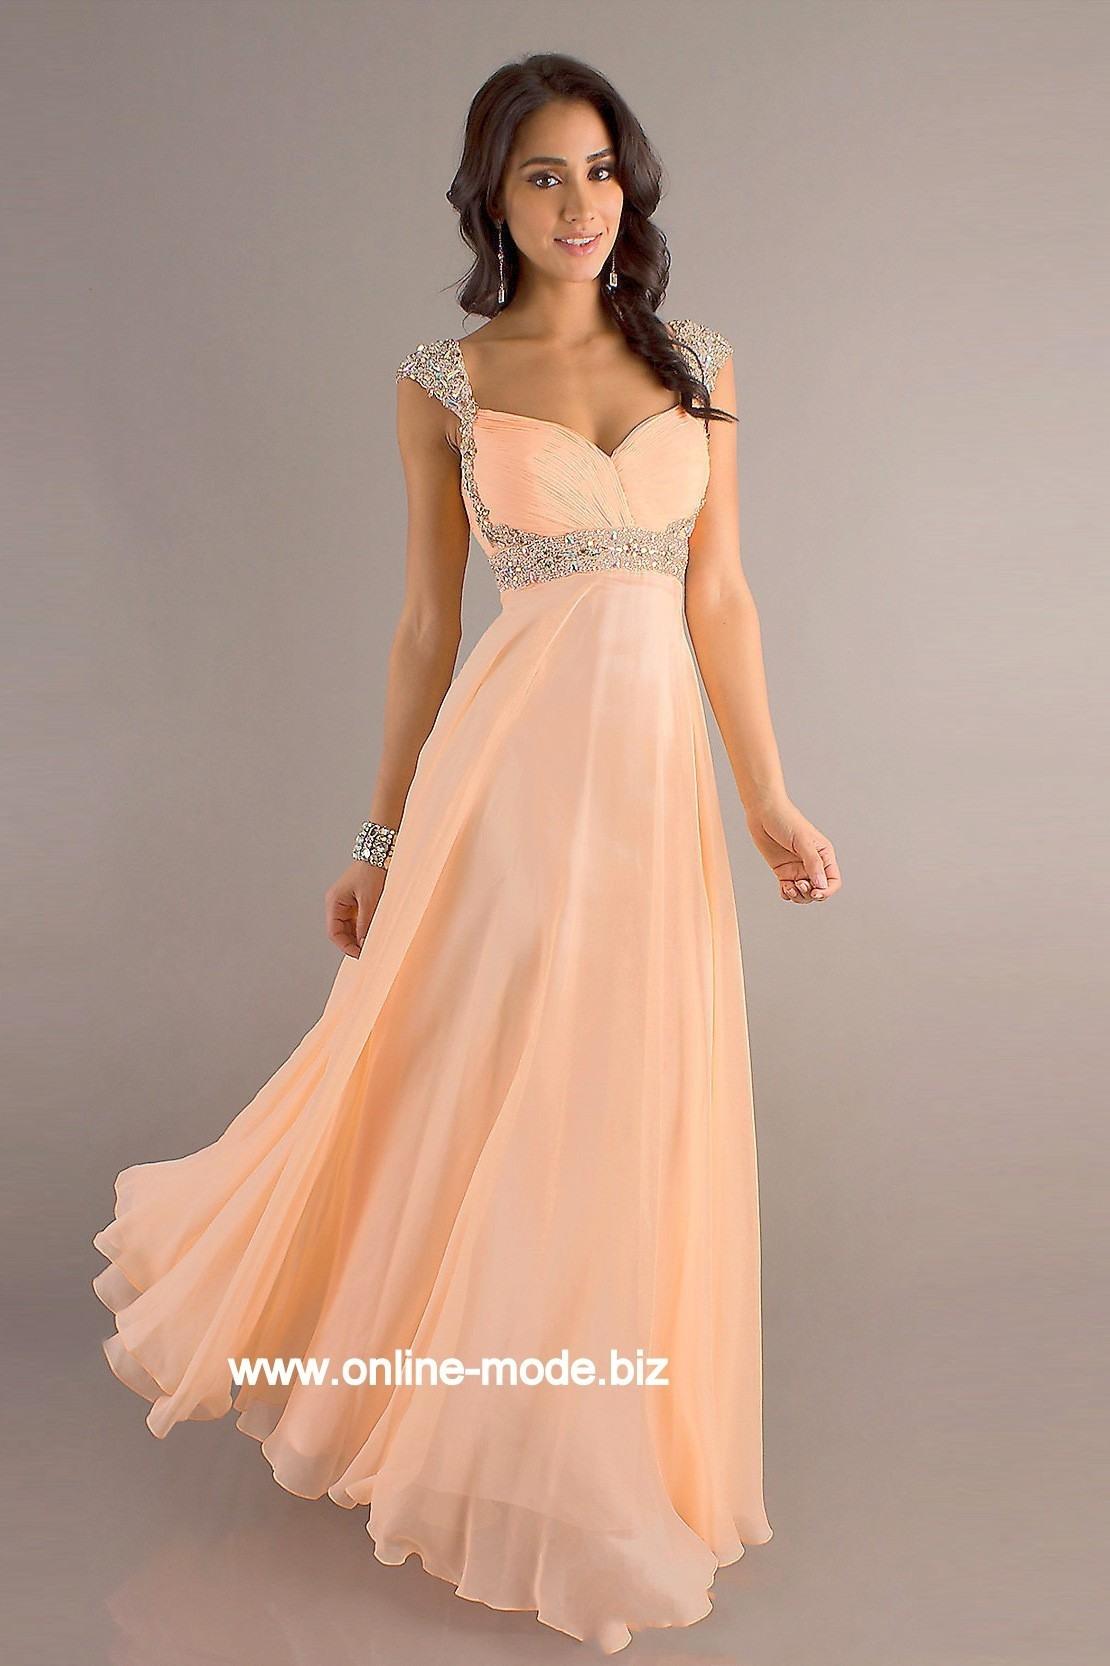 13 Einfach C& Abendkleider Stylish13 Kreativ C& Abendkleider Design